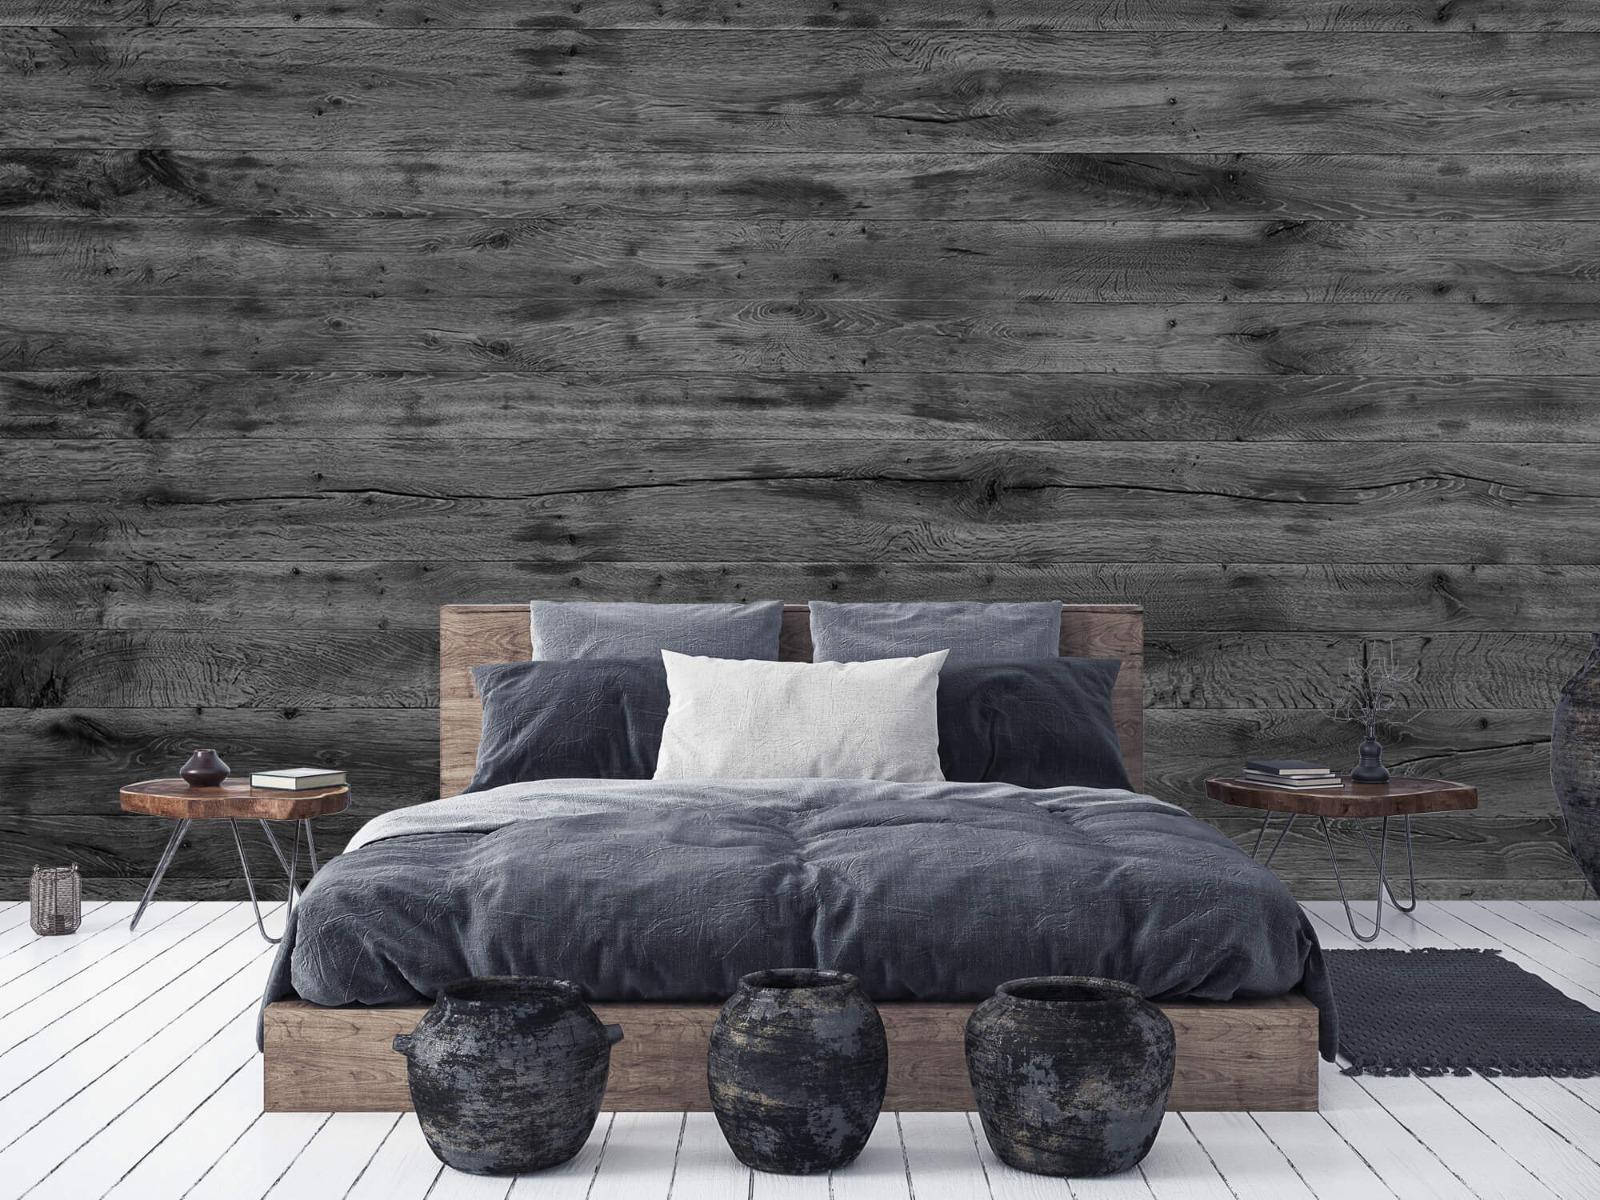 Hout behang - Grijze houten planken - Directie 8